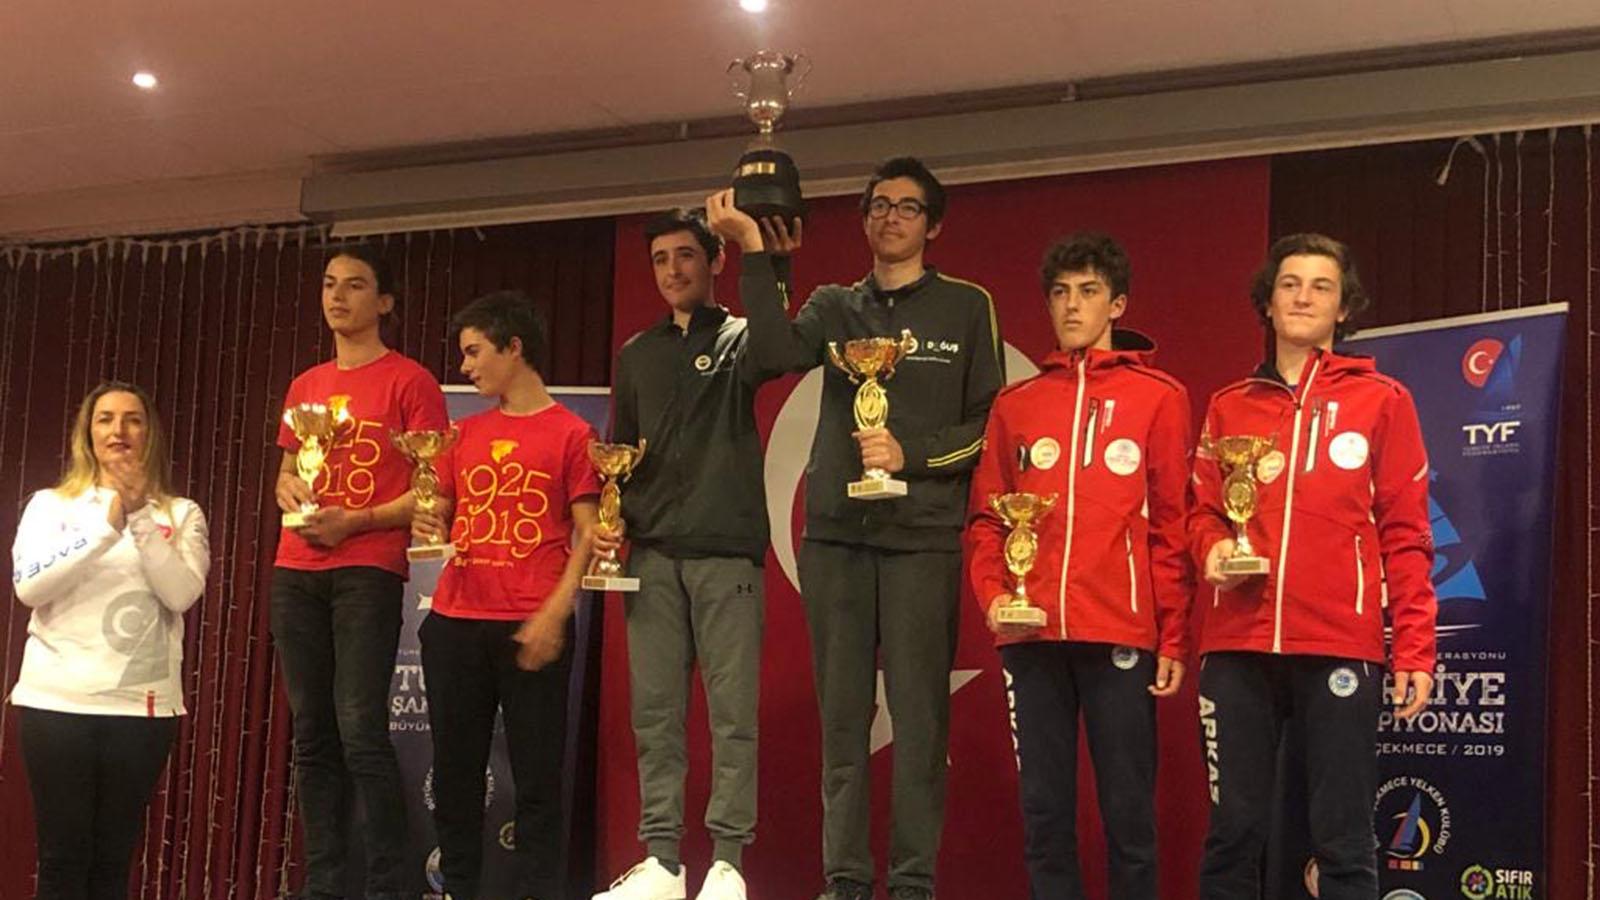 Fenerbahçe Doğuş Yelken'den TYF Türkiye Şampiyonası 420 Sınıfında Başarılı Sonuçlar